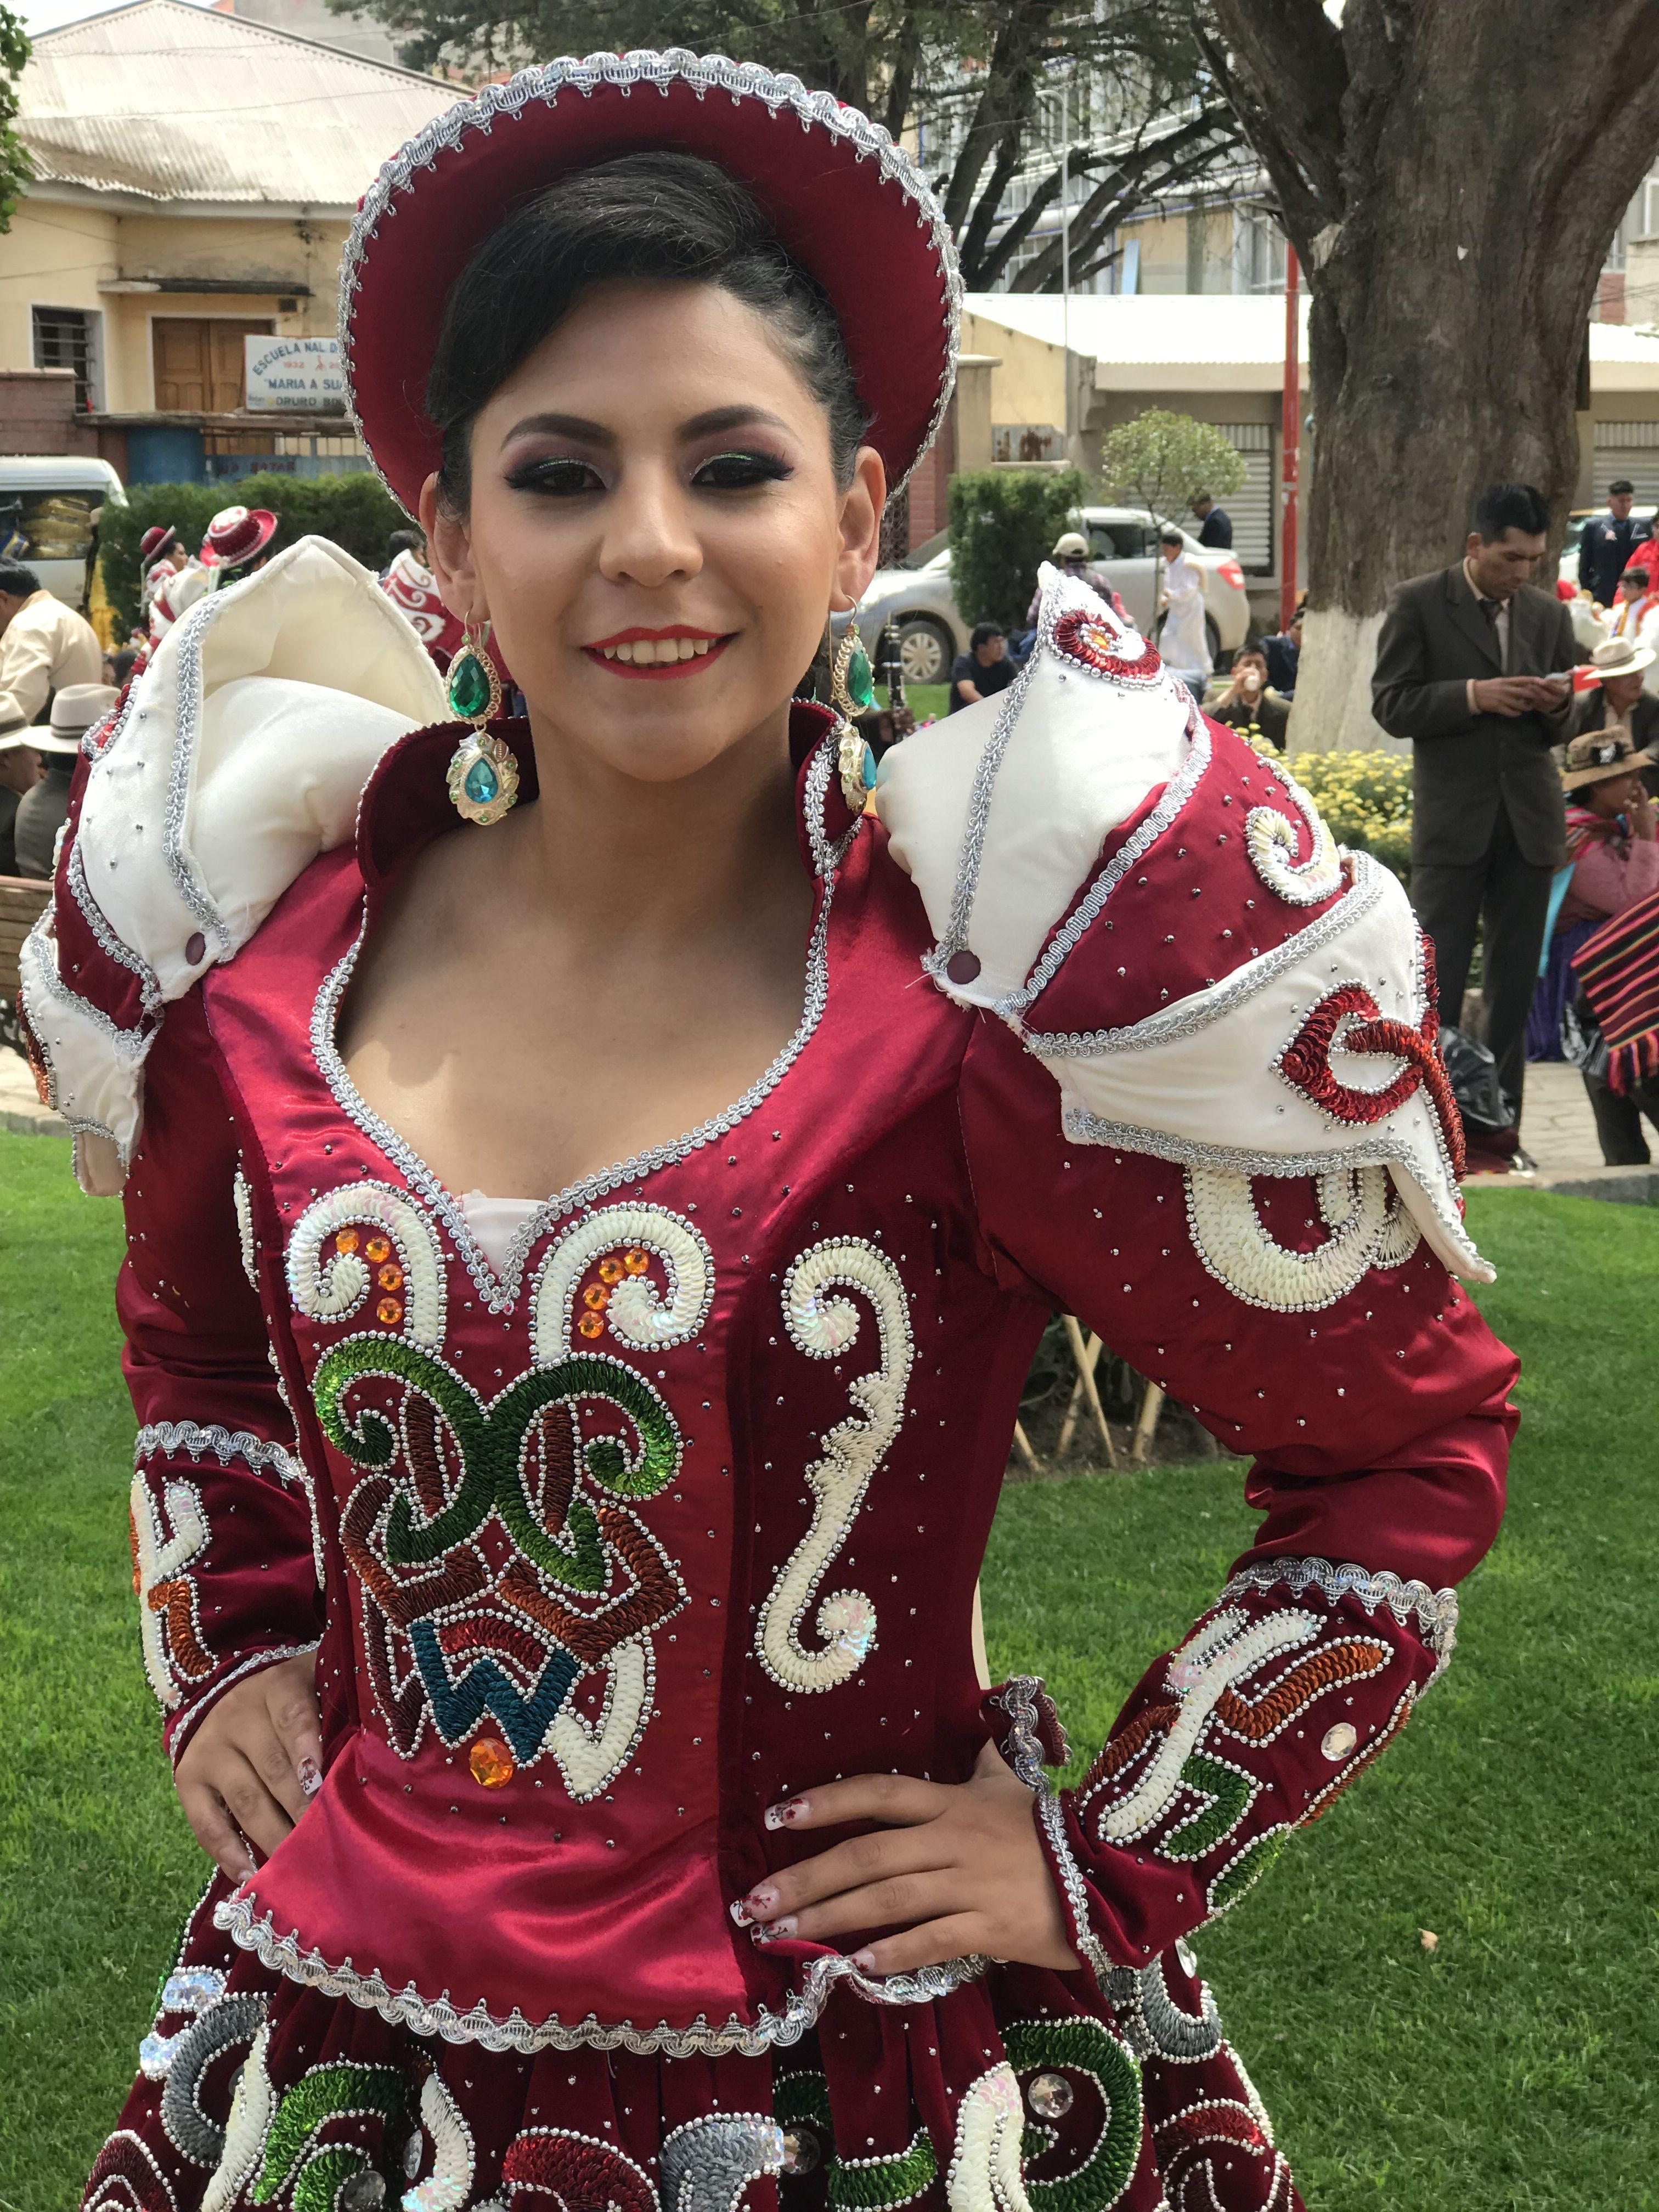 Caporal Sambos Caporales Bolivia Carnaval de Oruro 2018  2cae4a489bdf